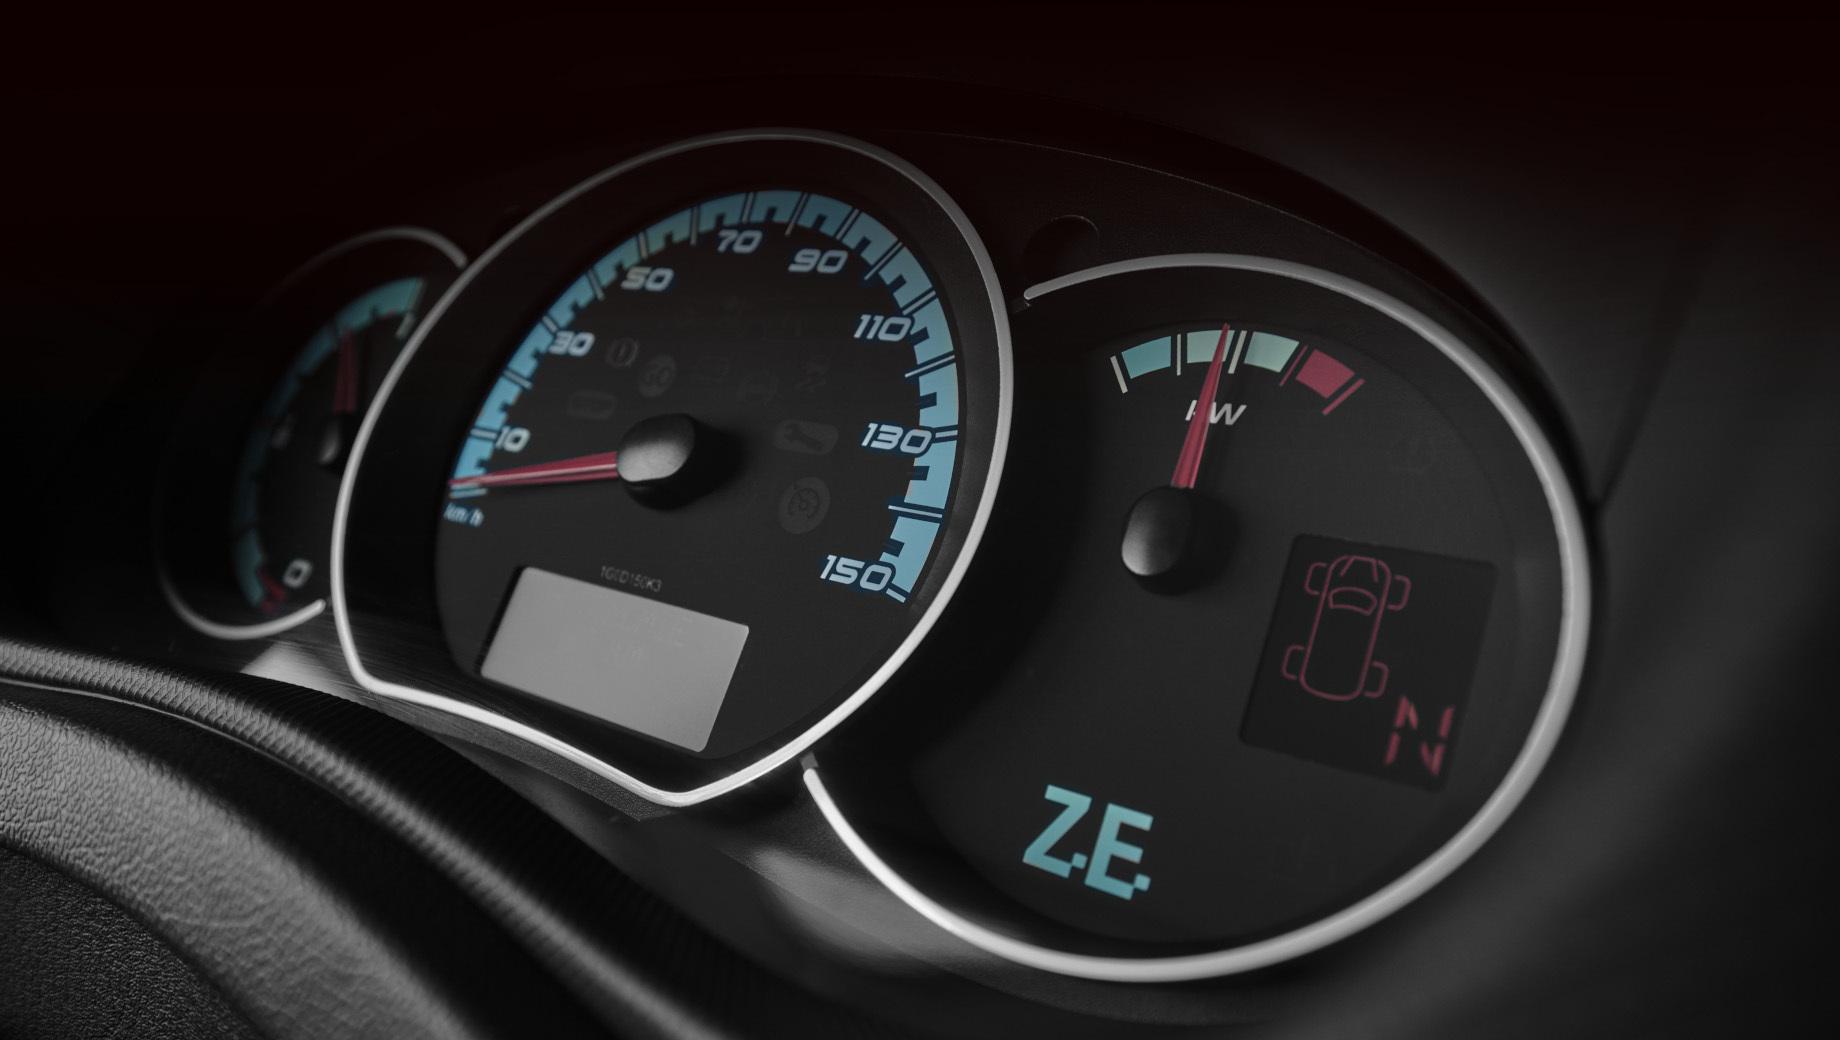 Электрическая скорая помощь Nissan EV объявлена пионером